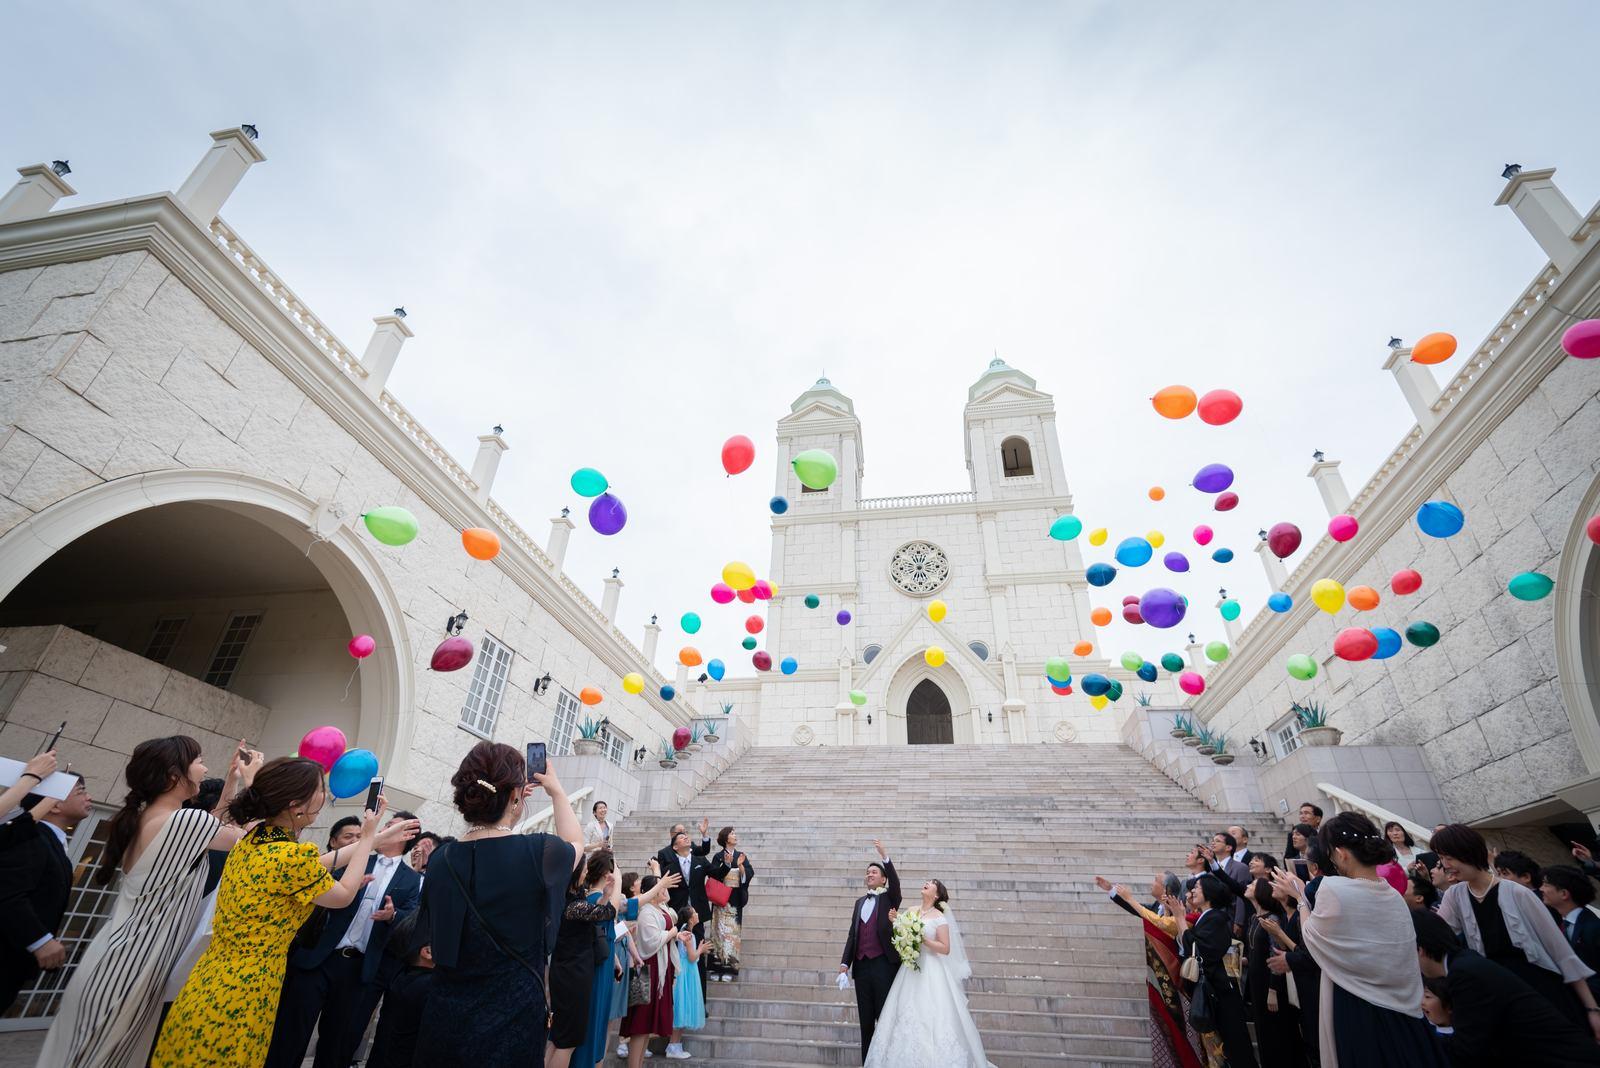 香川の結婚式場シェルエメール&アイスタイル バルーンリリース